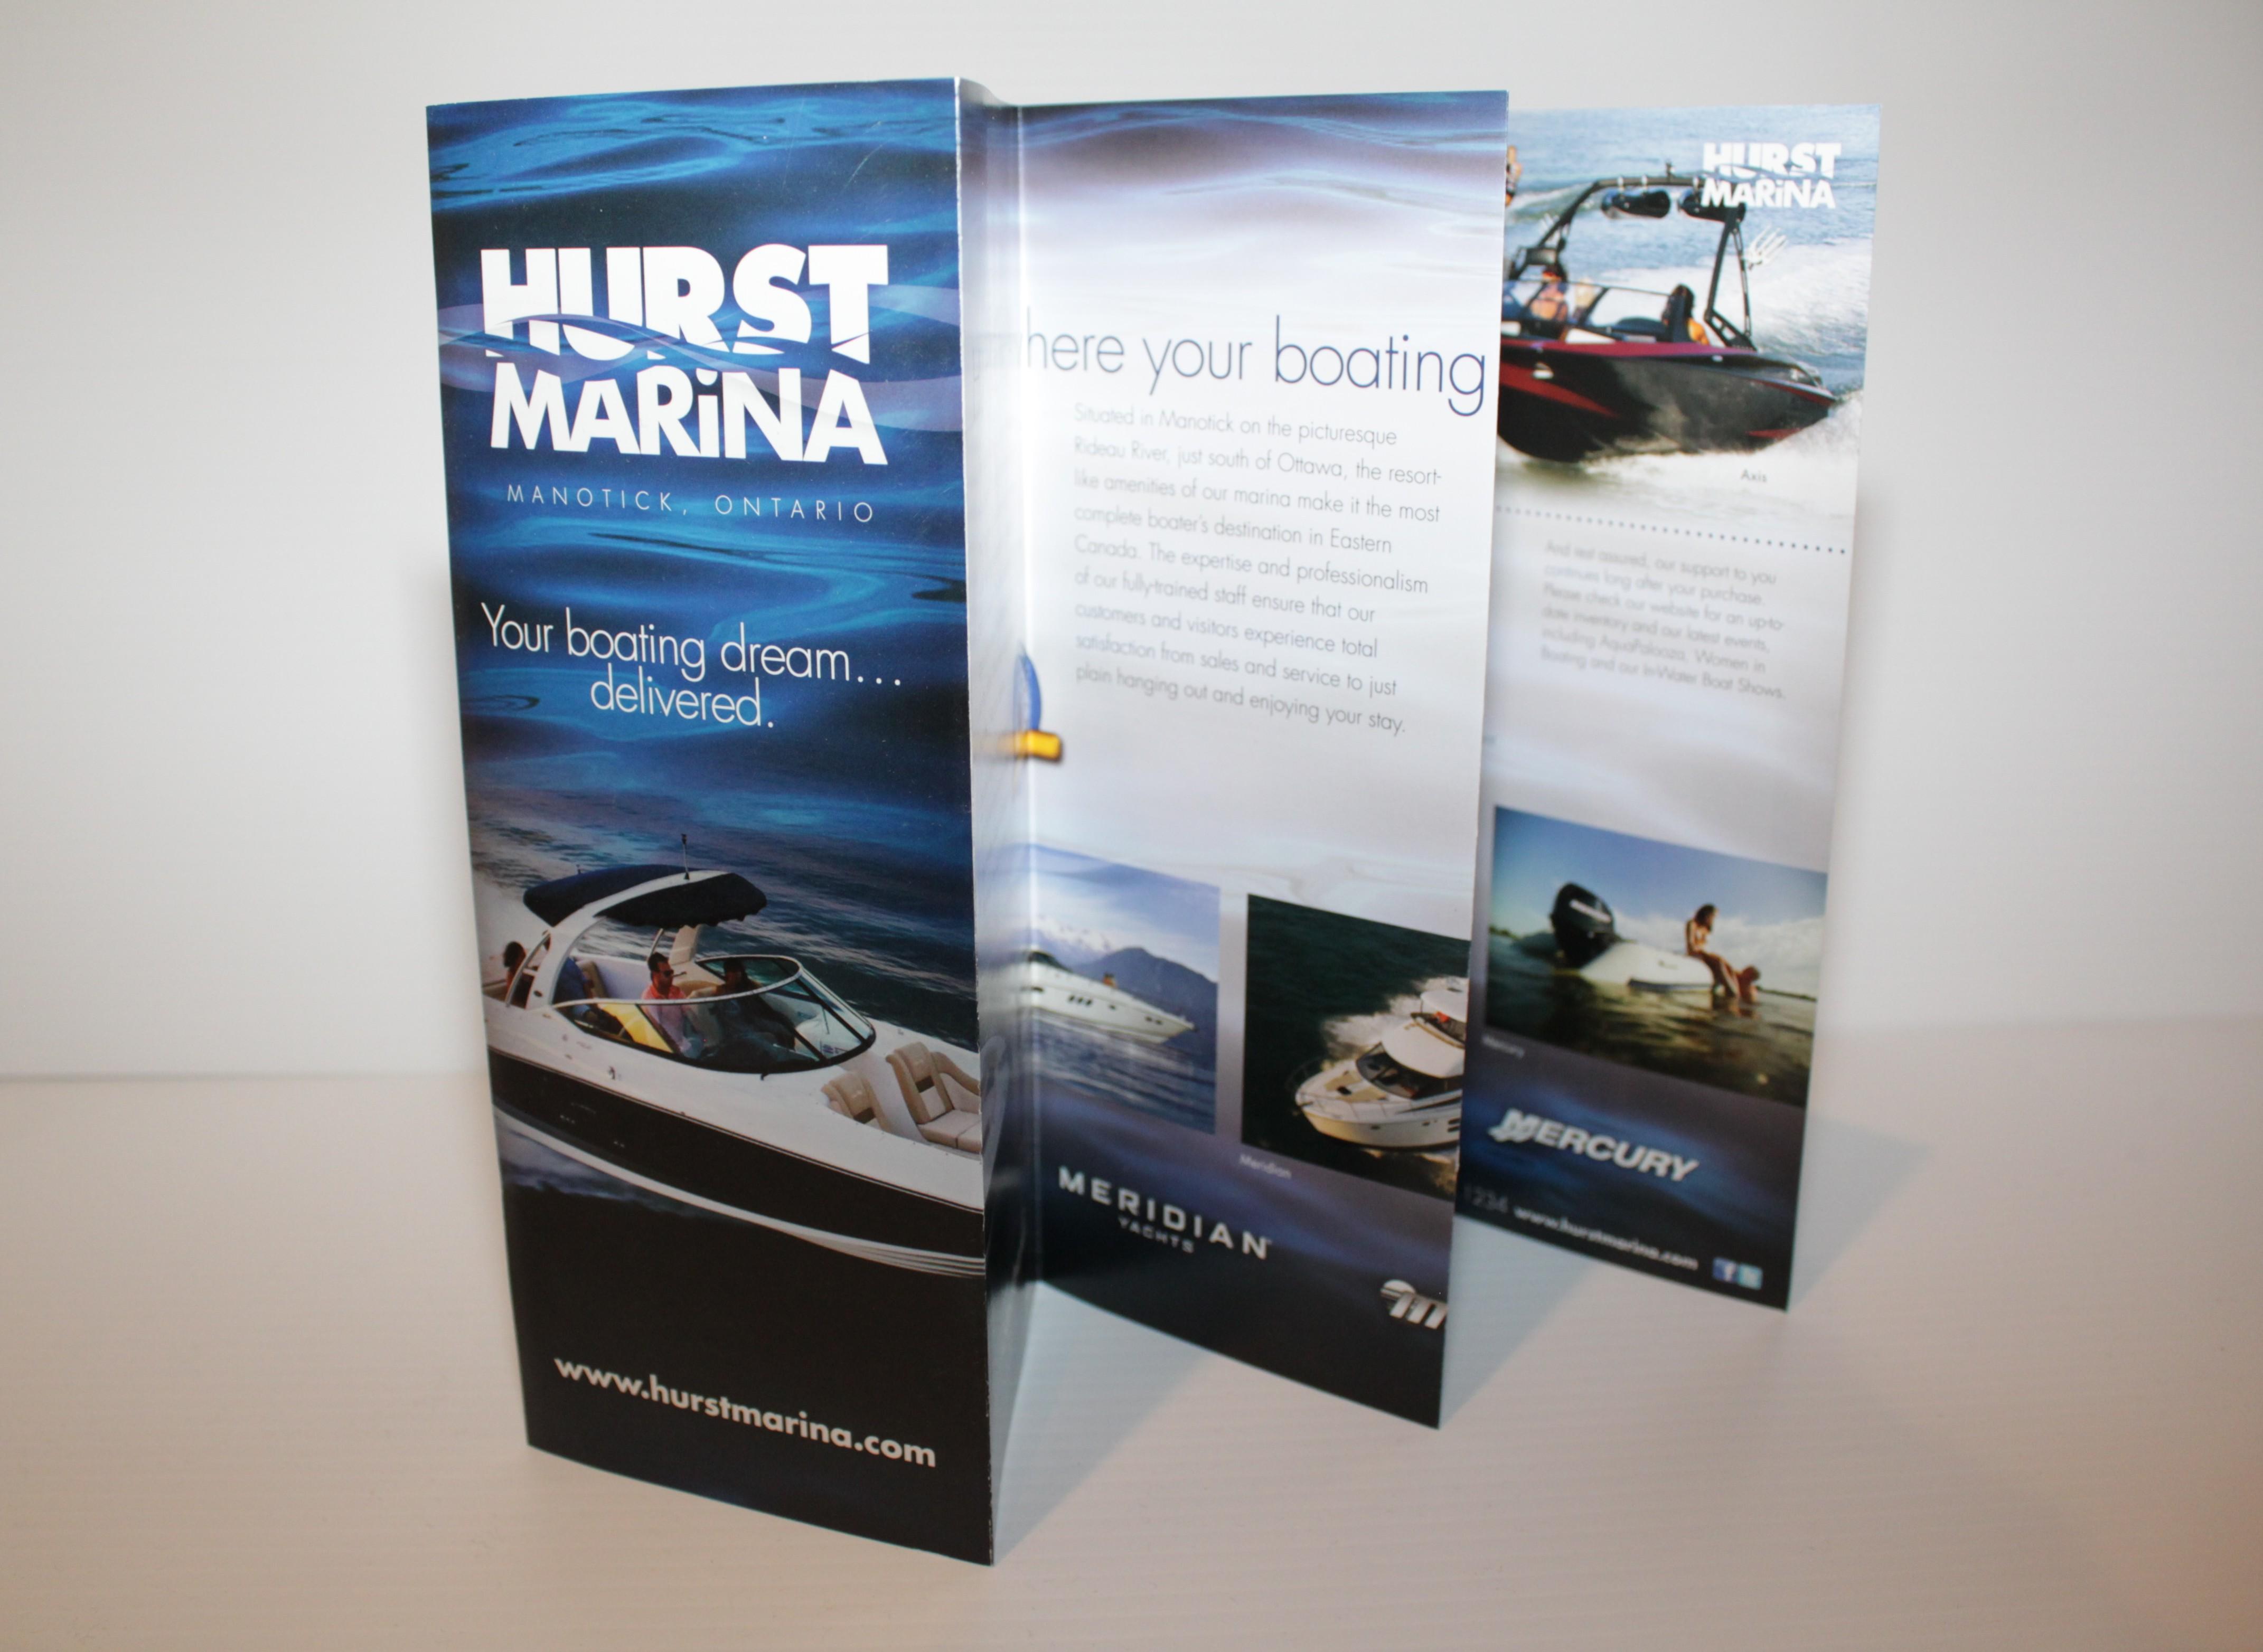 Hurst Marina